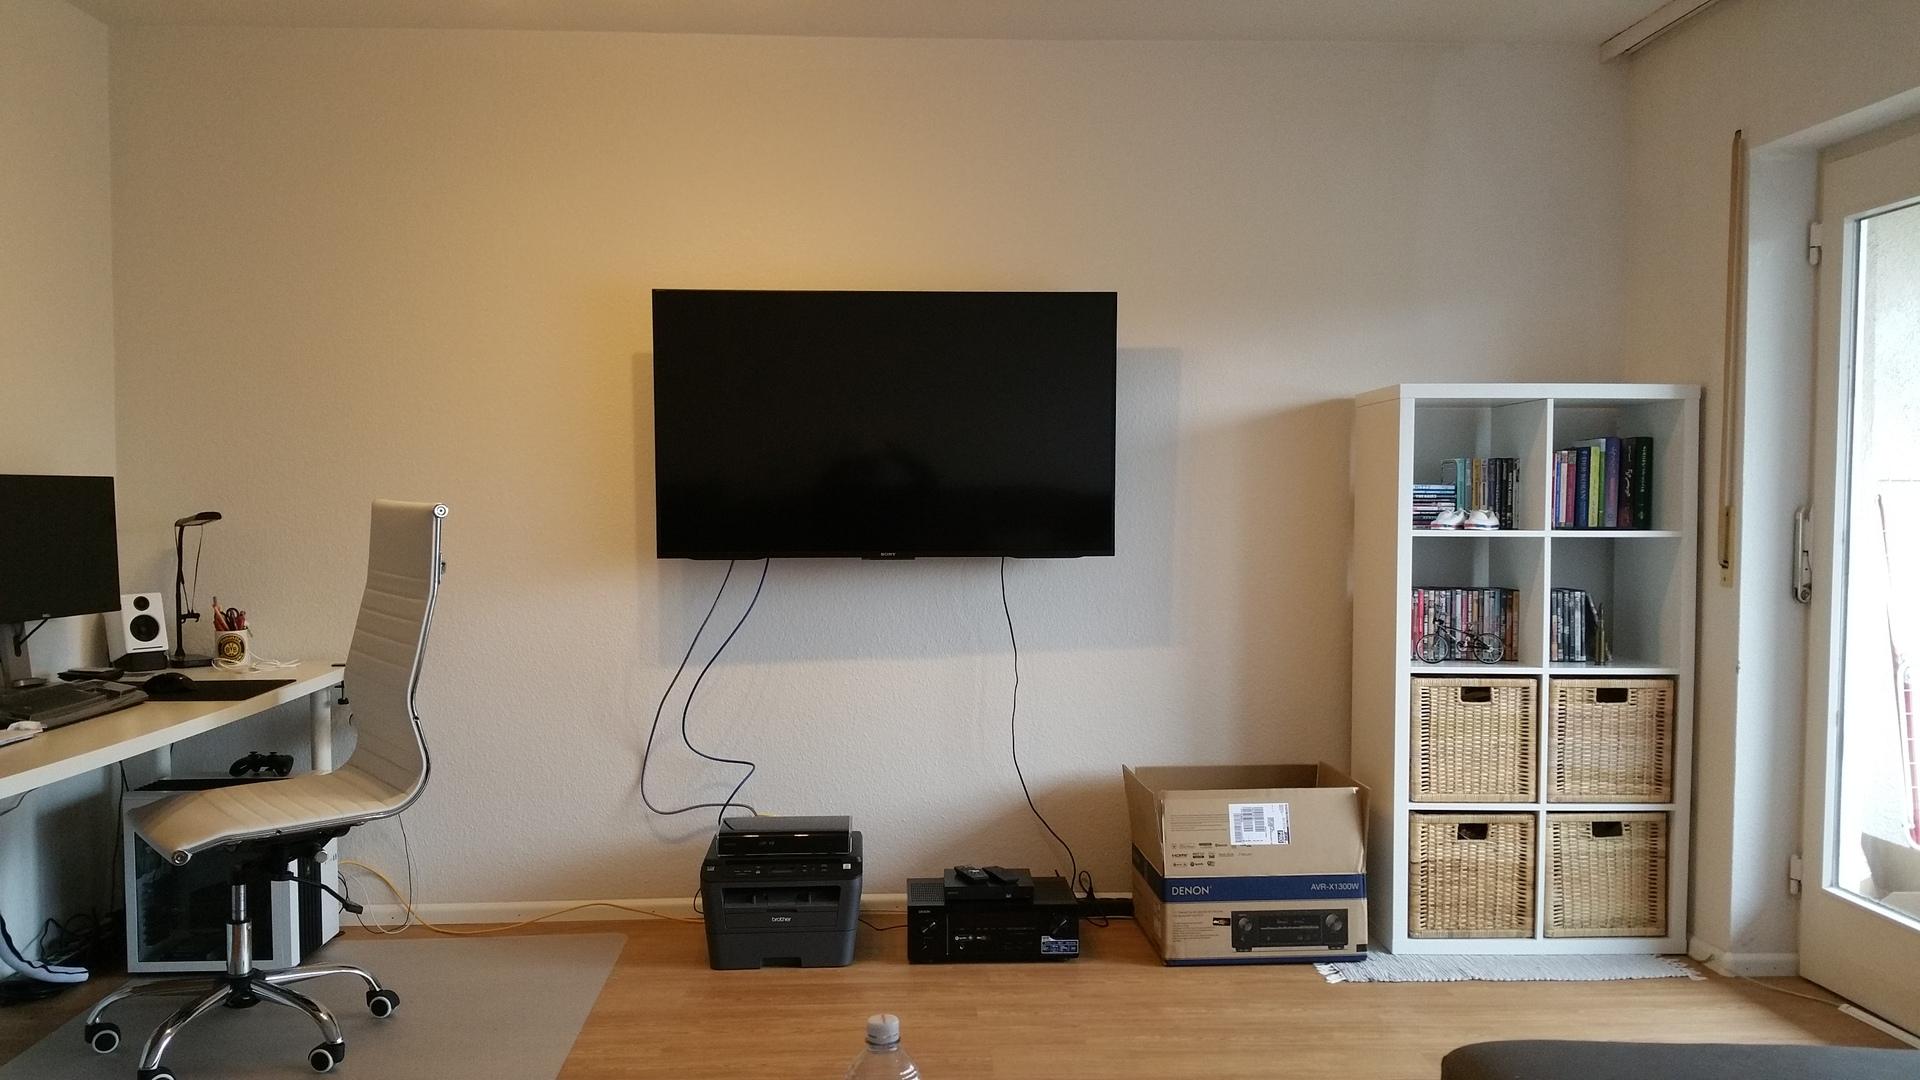 Wohnzimmer Tv Moderne Inspiration Innenarchitektur Und Mobel